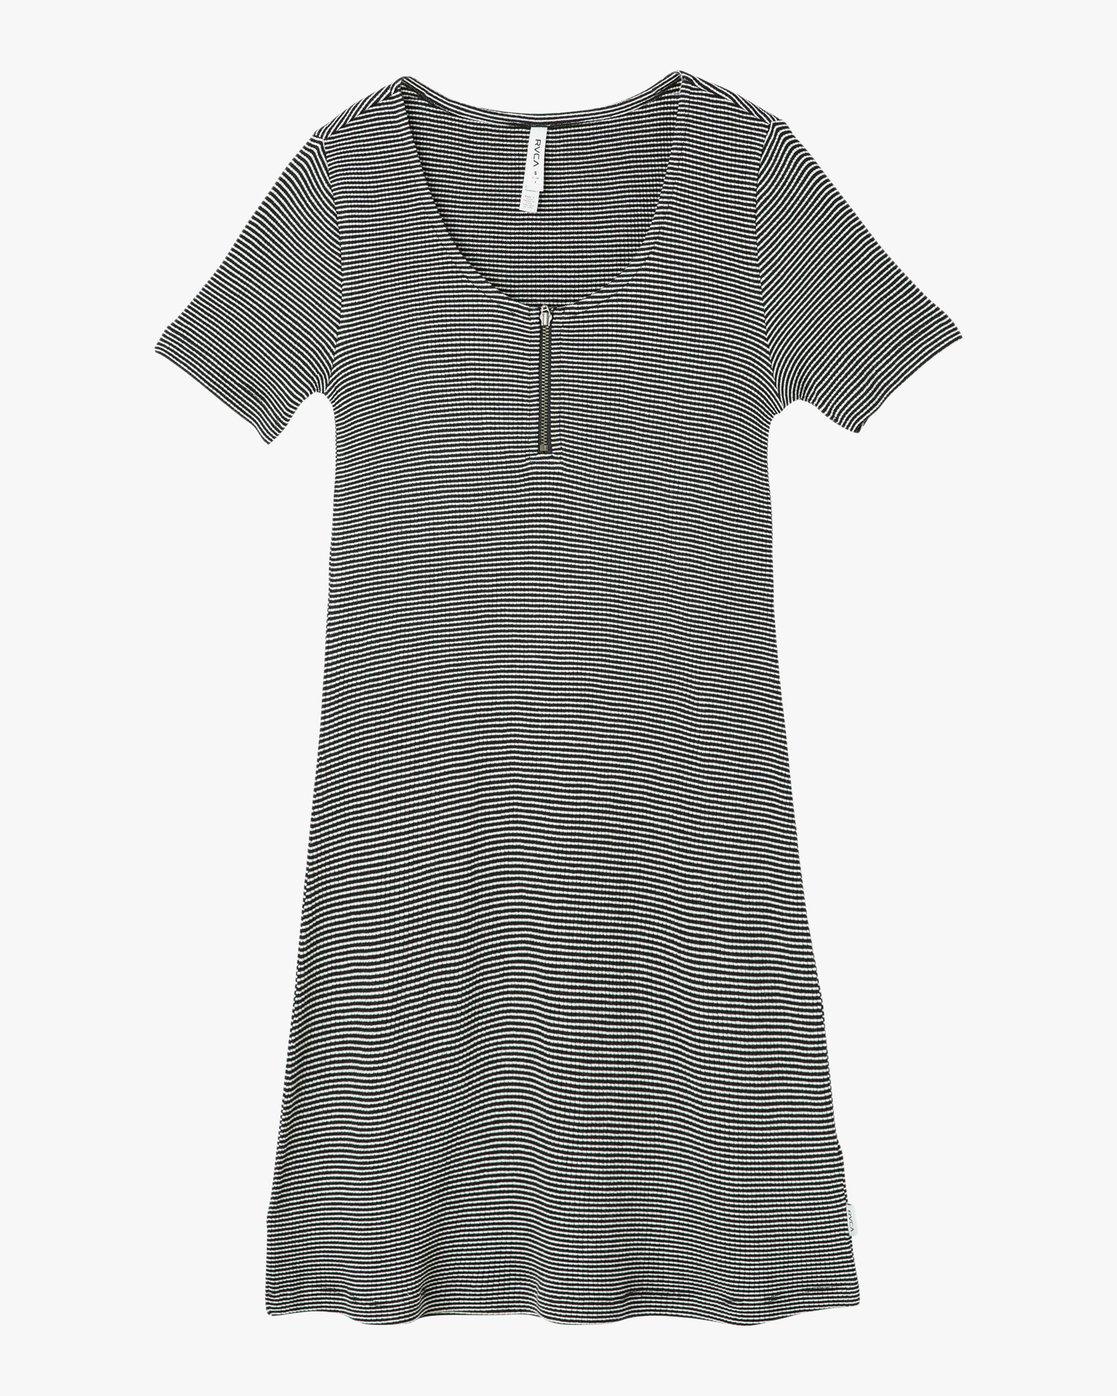 4 Zip It Ribbed Dress  WD05NRZP RVCA